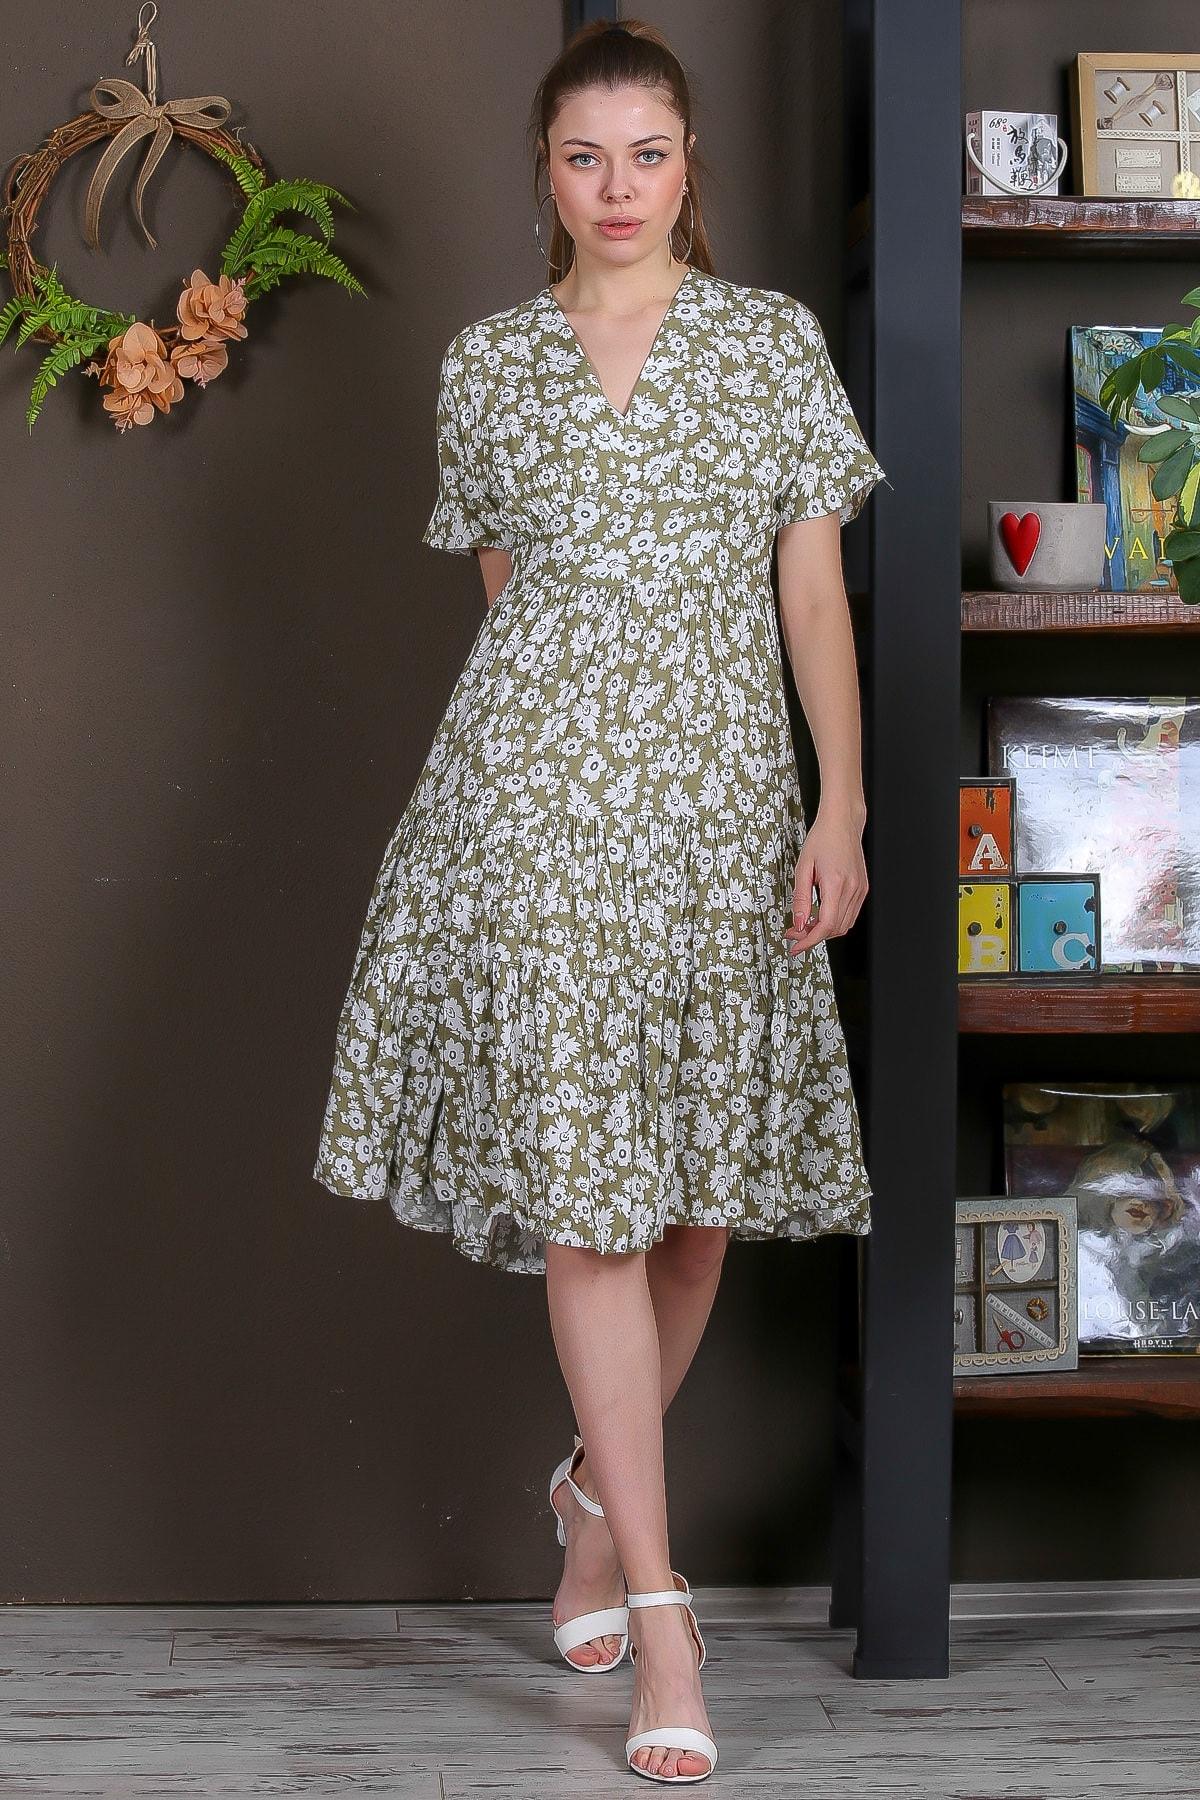 Chiccy Kadın Yeşil Düşük Kol V Yaka Fırfırlı Dokuma Midi Elbise M10160000EL95432 2